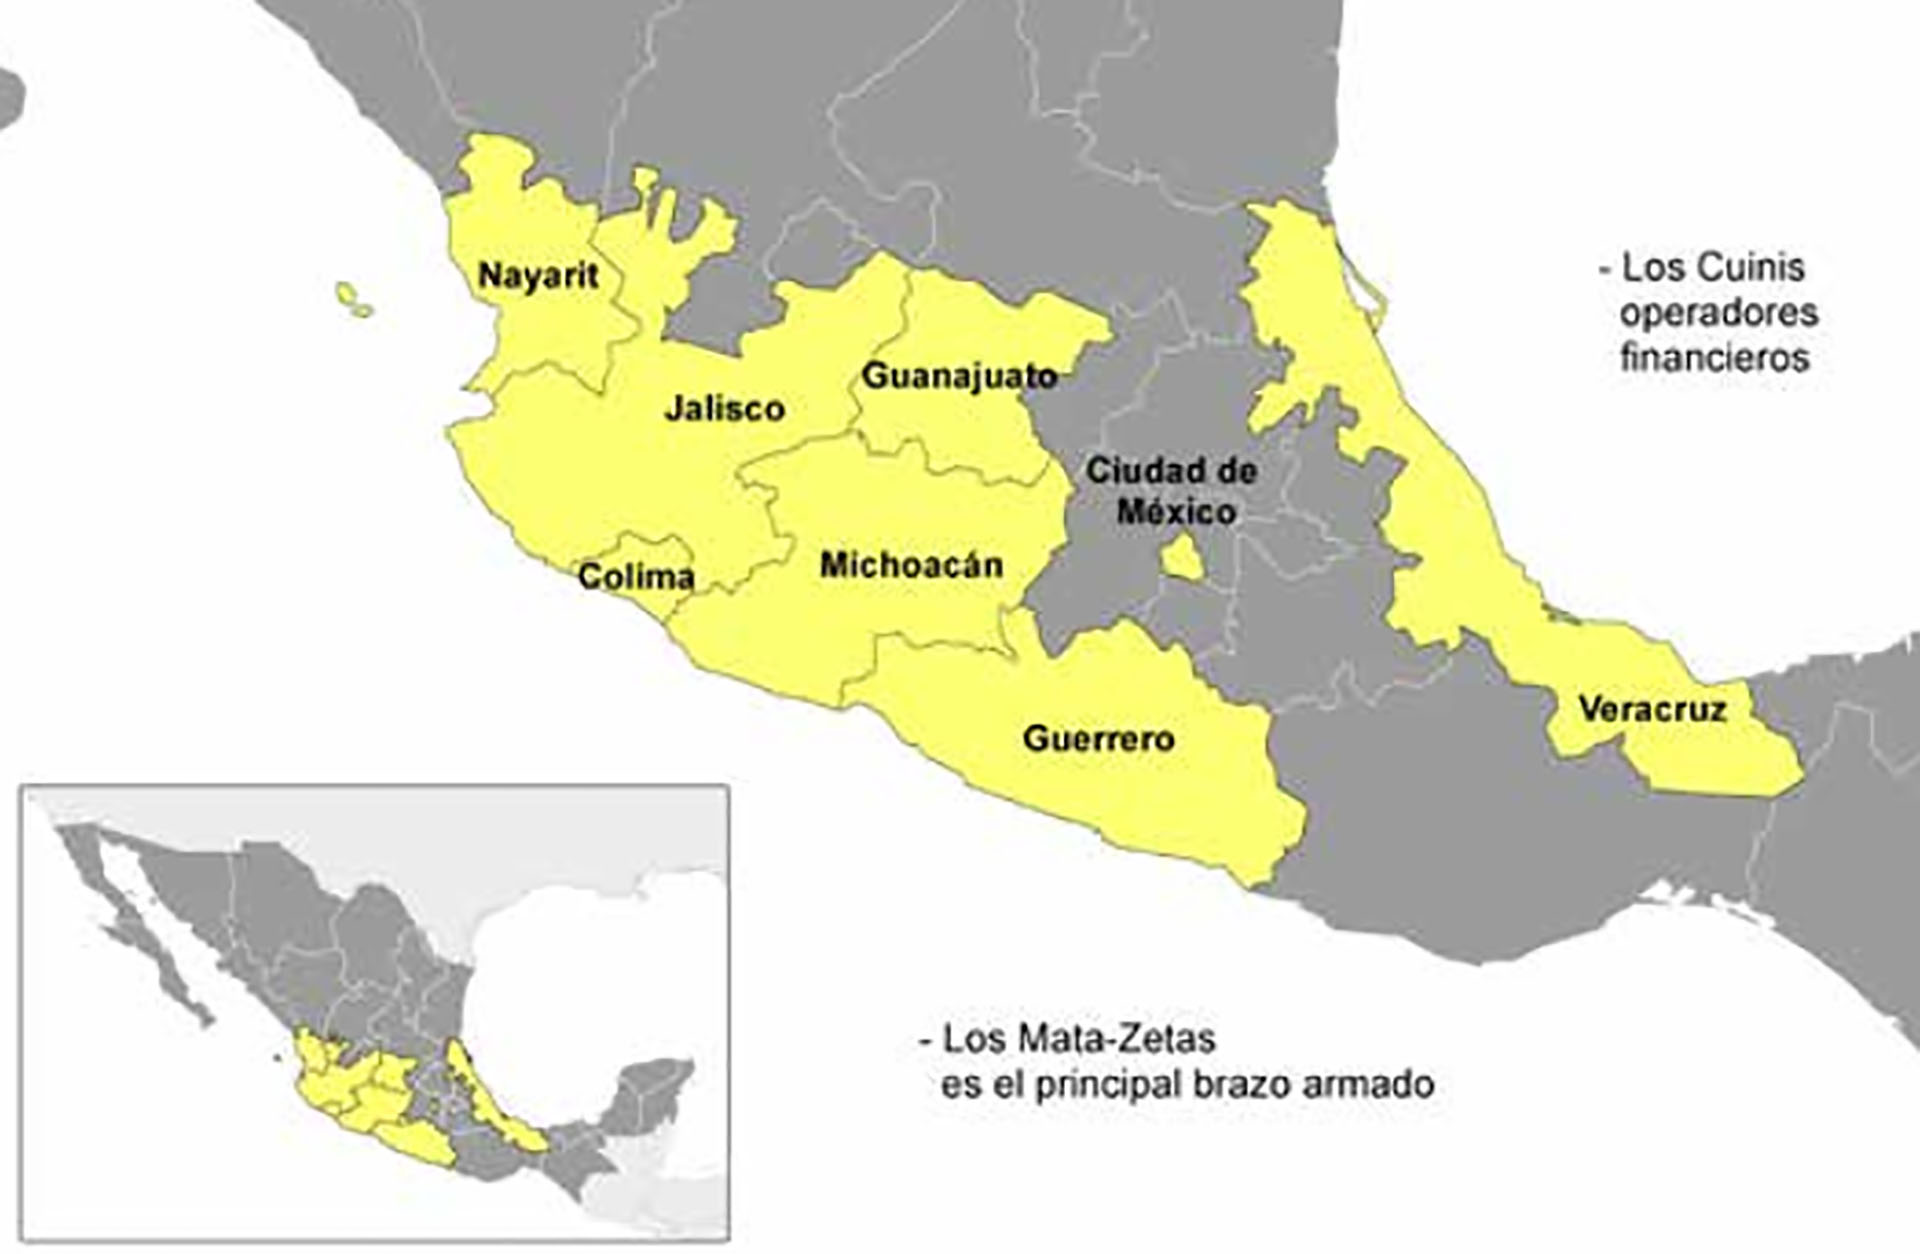 Territorio controlado por el CJNG (Mapa: Casede)